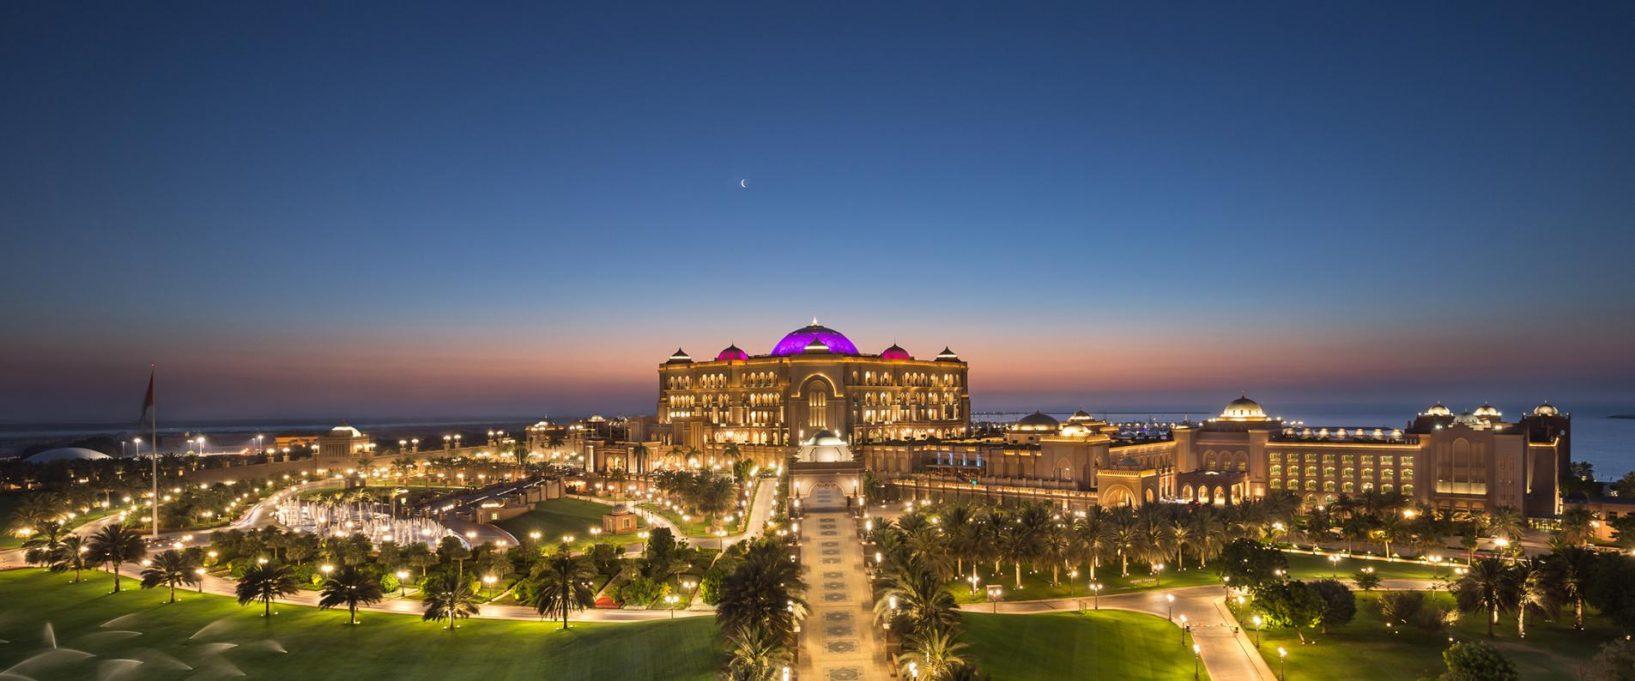 Hôtel de luxe l'Emirates Palace de Abu Dhabi